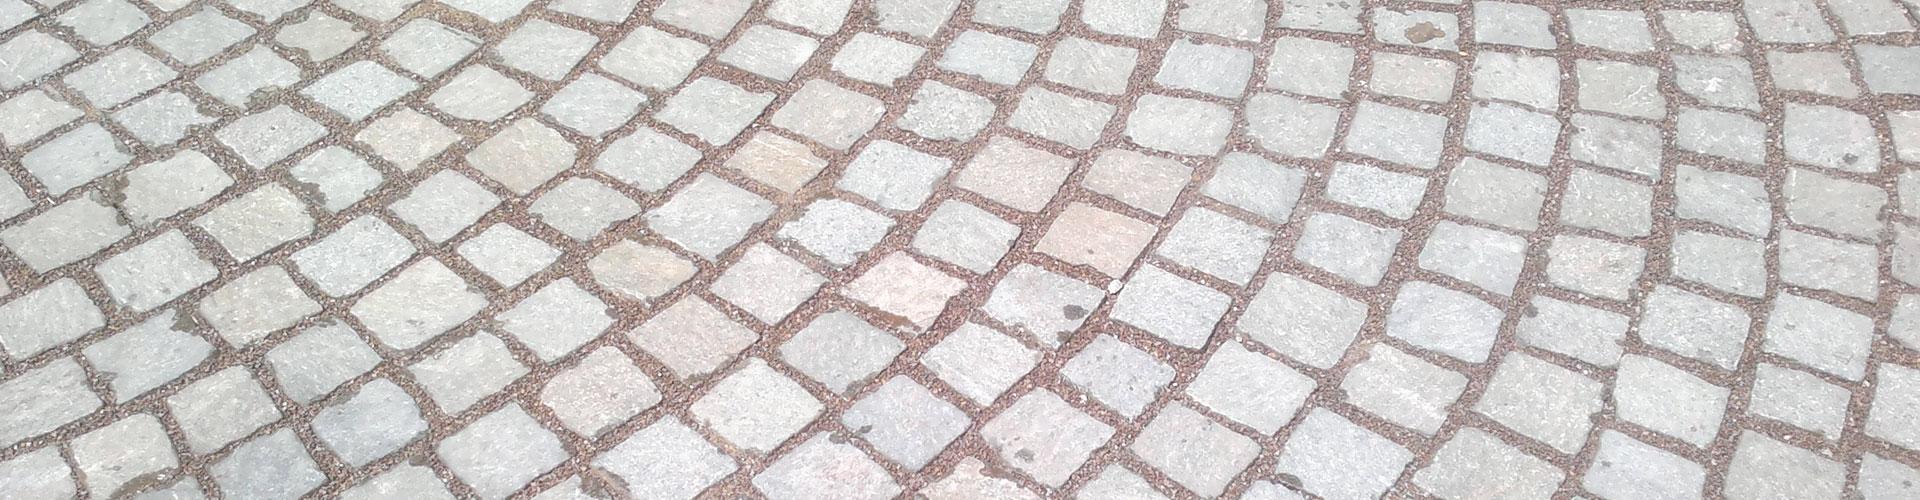 cubetti di porfido utilizzati per pavimentazioni di strade e piazze